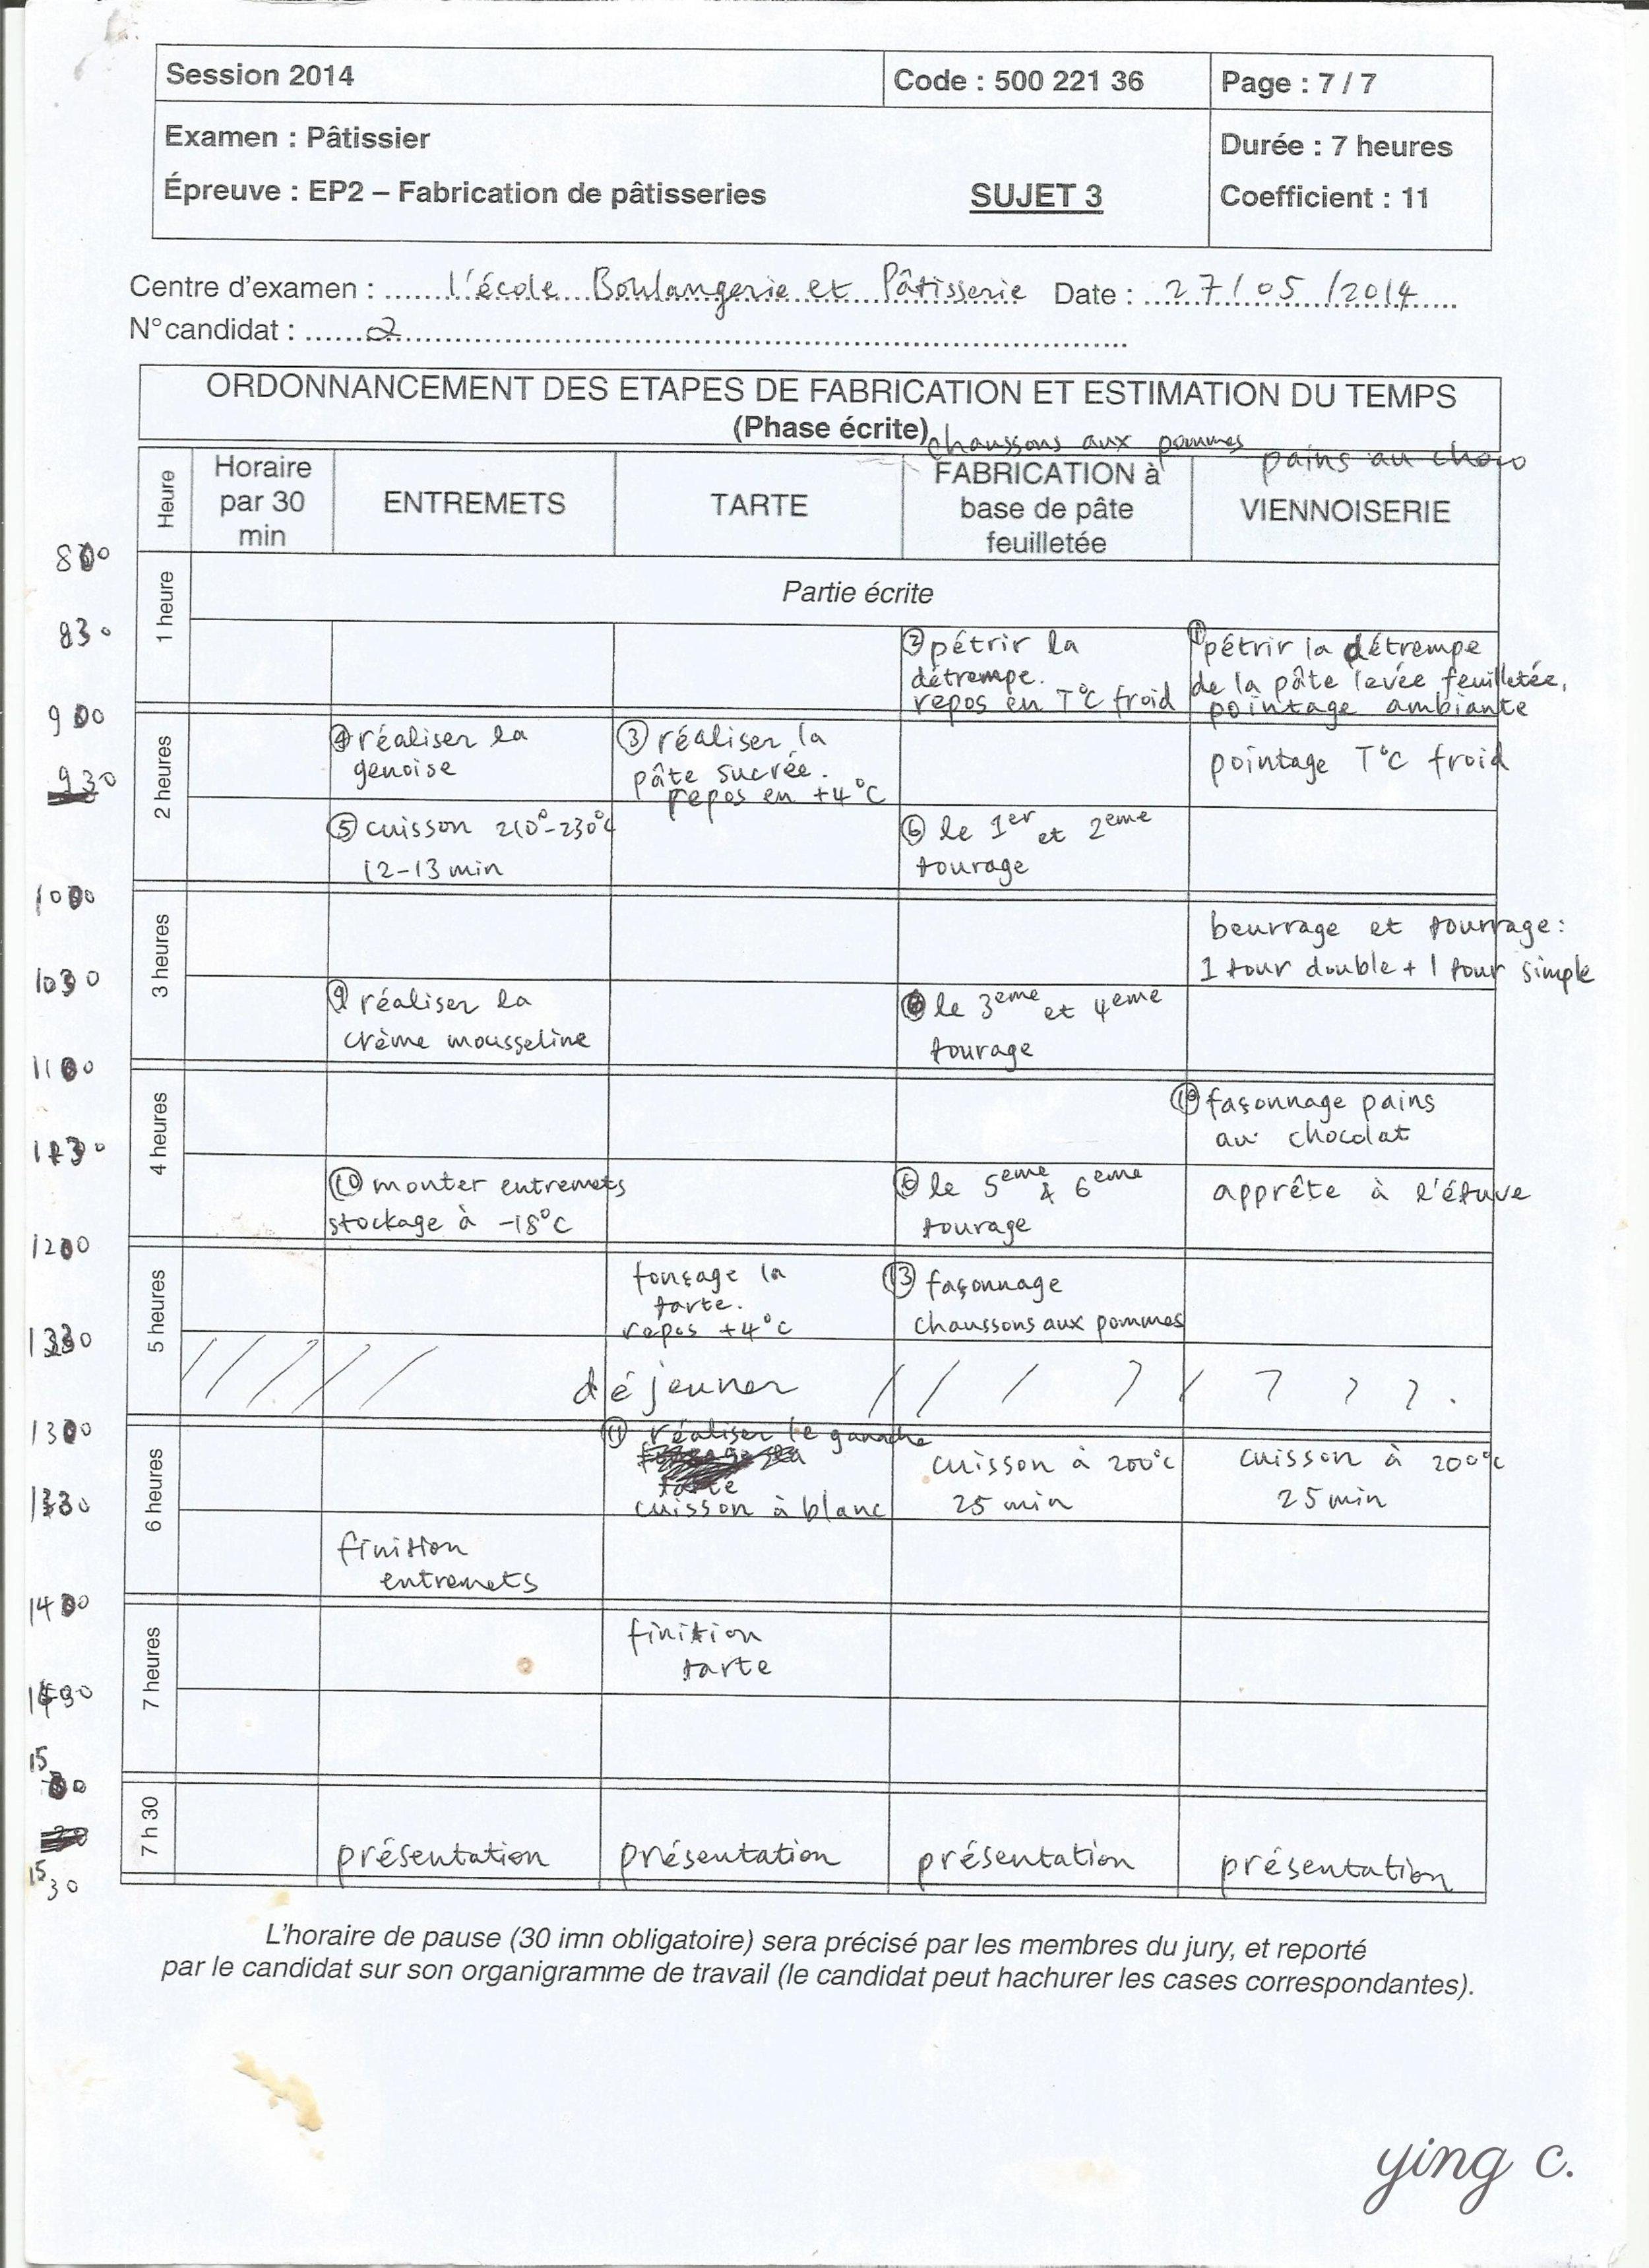 在 CAP 的實作考試中,第一個部分測驗的是考生的時間分配與組織能力。  從這張表上方的欄位中,可以看到在 2014 年 CAP 甜點師的考試中,實作考題分為四類,包含  entremets(法式蛋糕)、tarte(塔)、pâte feuilletée(千層酥皮)與 viennoiserie(維也納麵包) ,考生首先需要清楚了解每一個類別的實作包含哪些項目,然後將它們依序安排在早上八點到下午三點半這七個半小時中。對這些甜點的熟悉程度、以及時間安排是否合理,都是測驗的範圍。